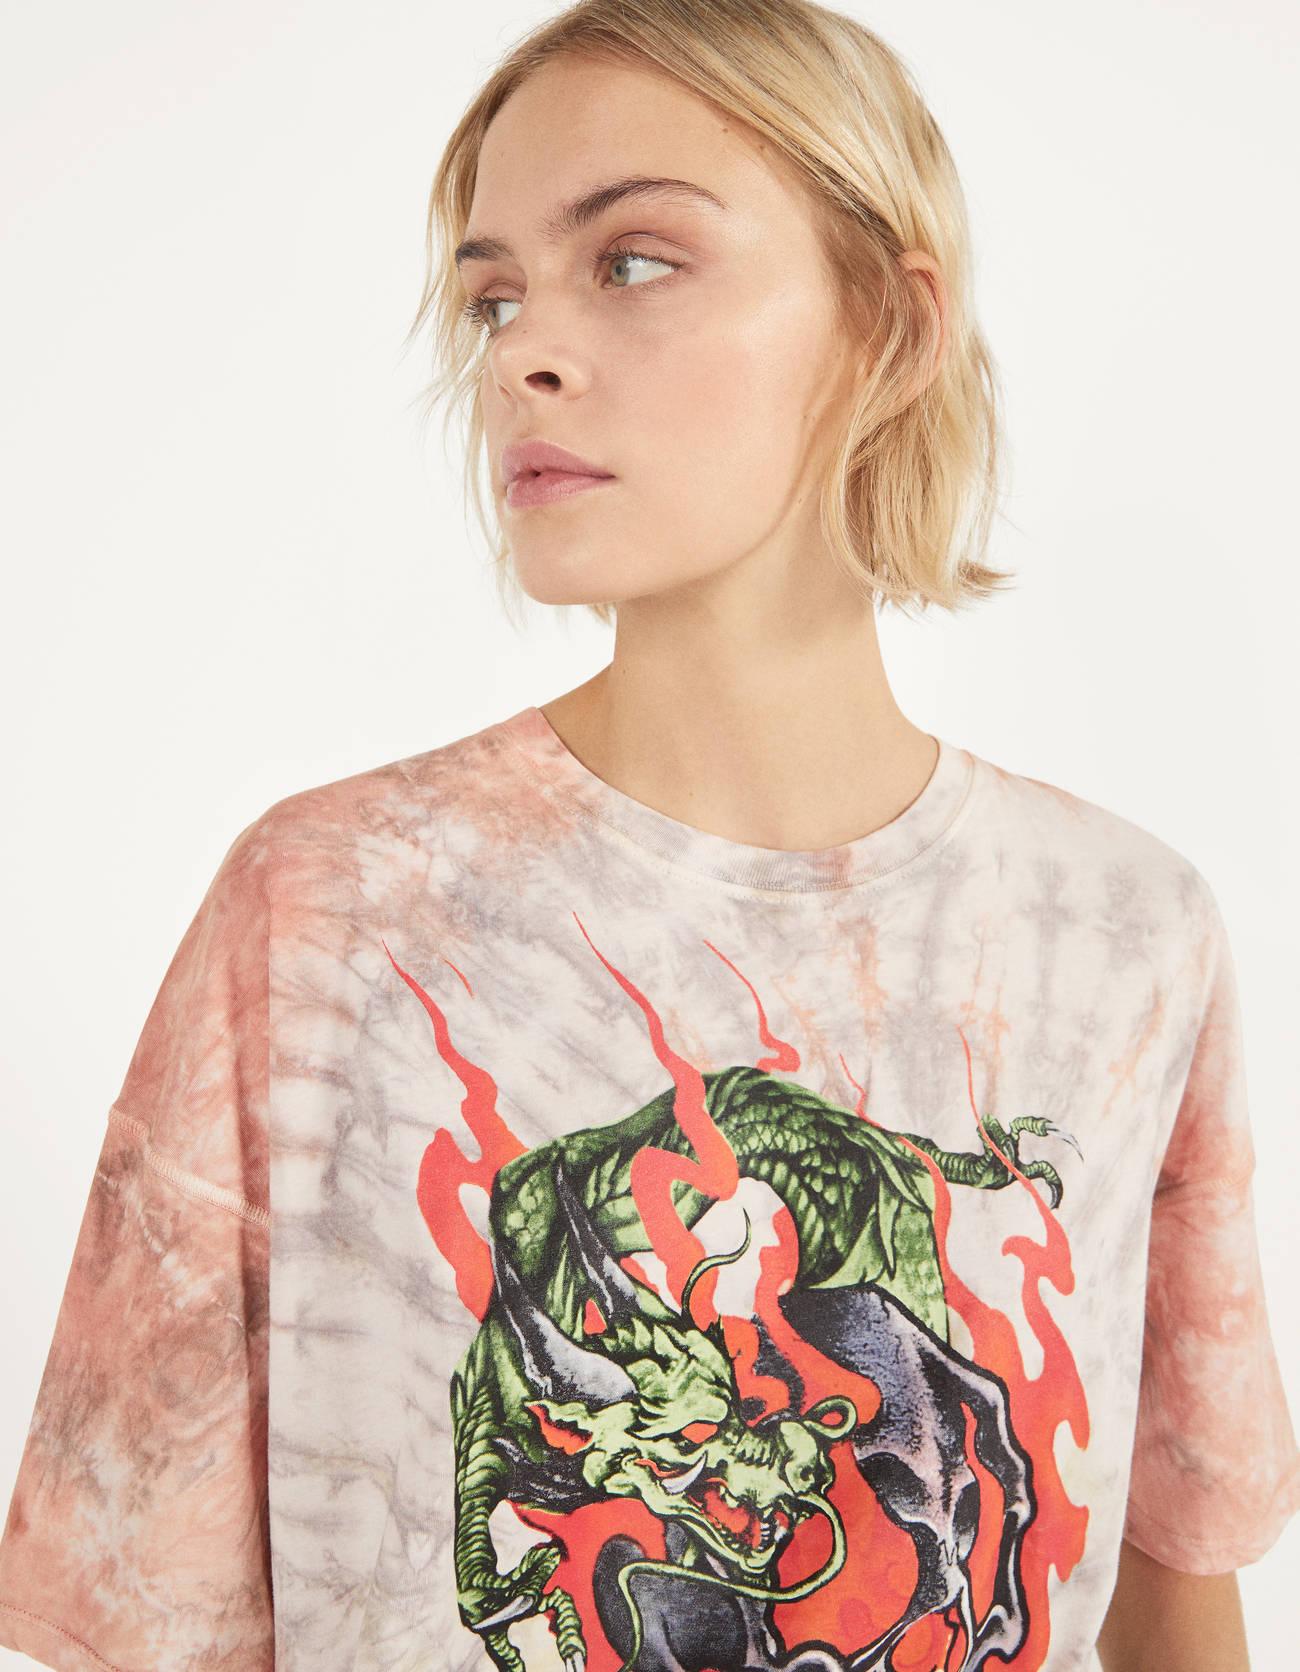 Camiseta tie-dye con estampado de dragón